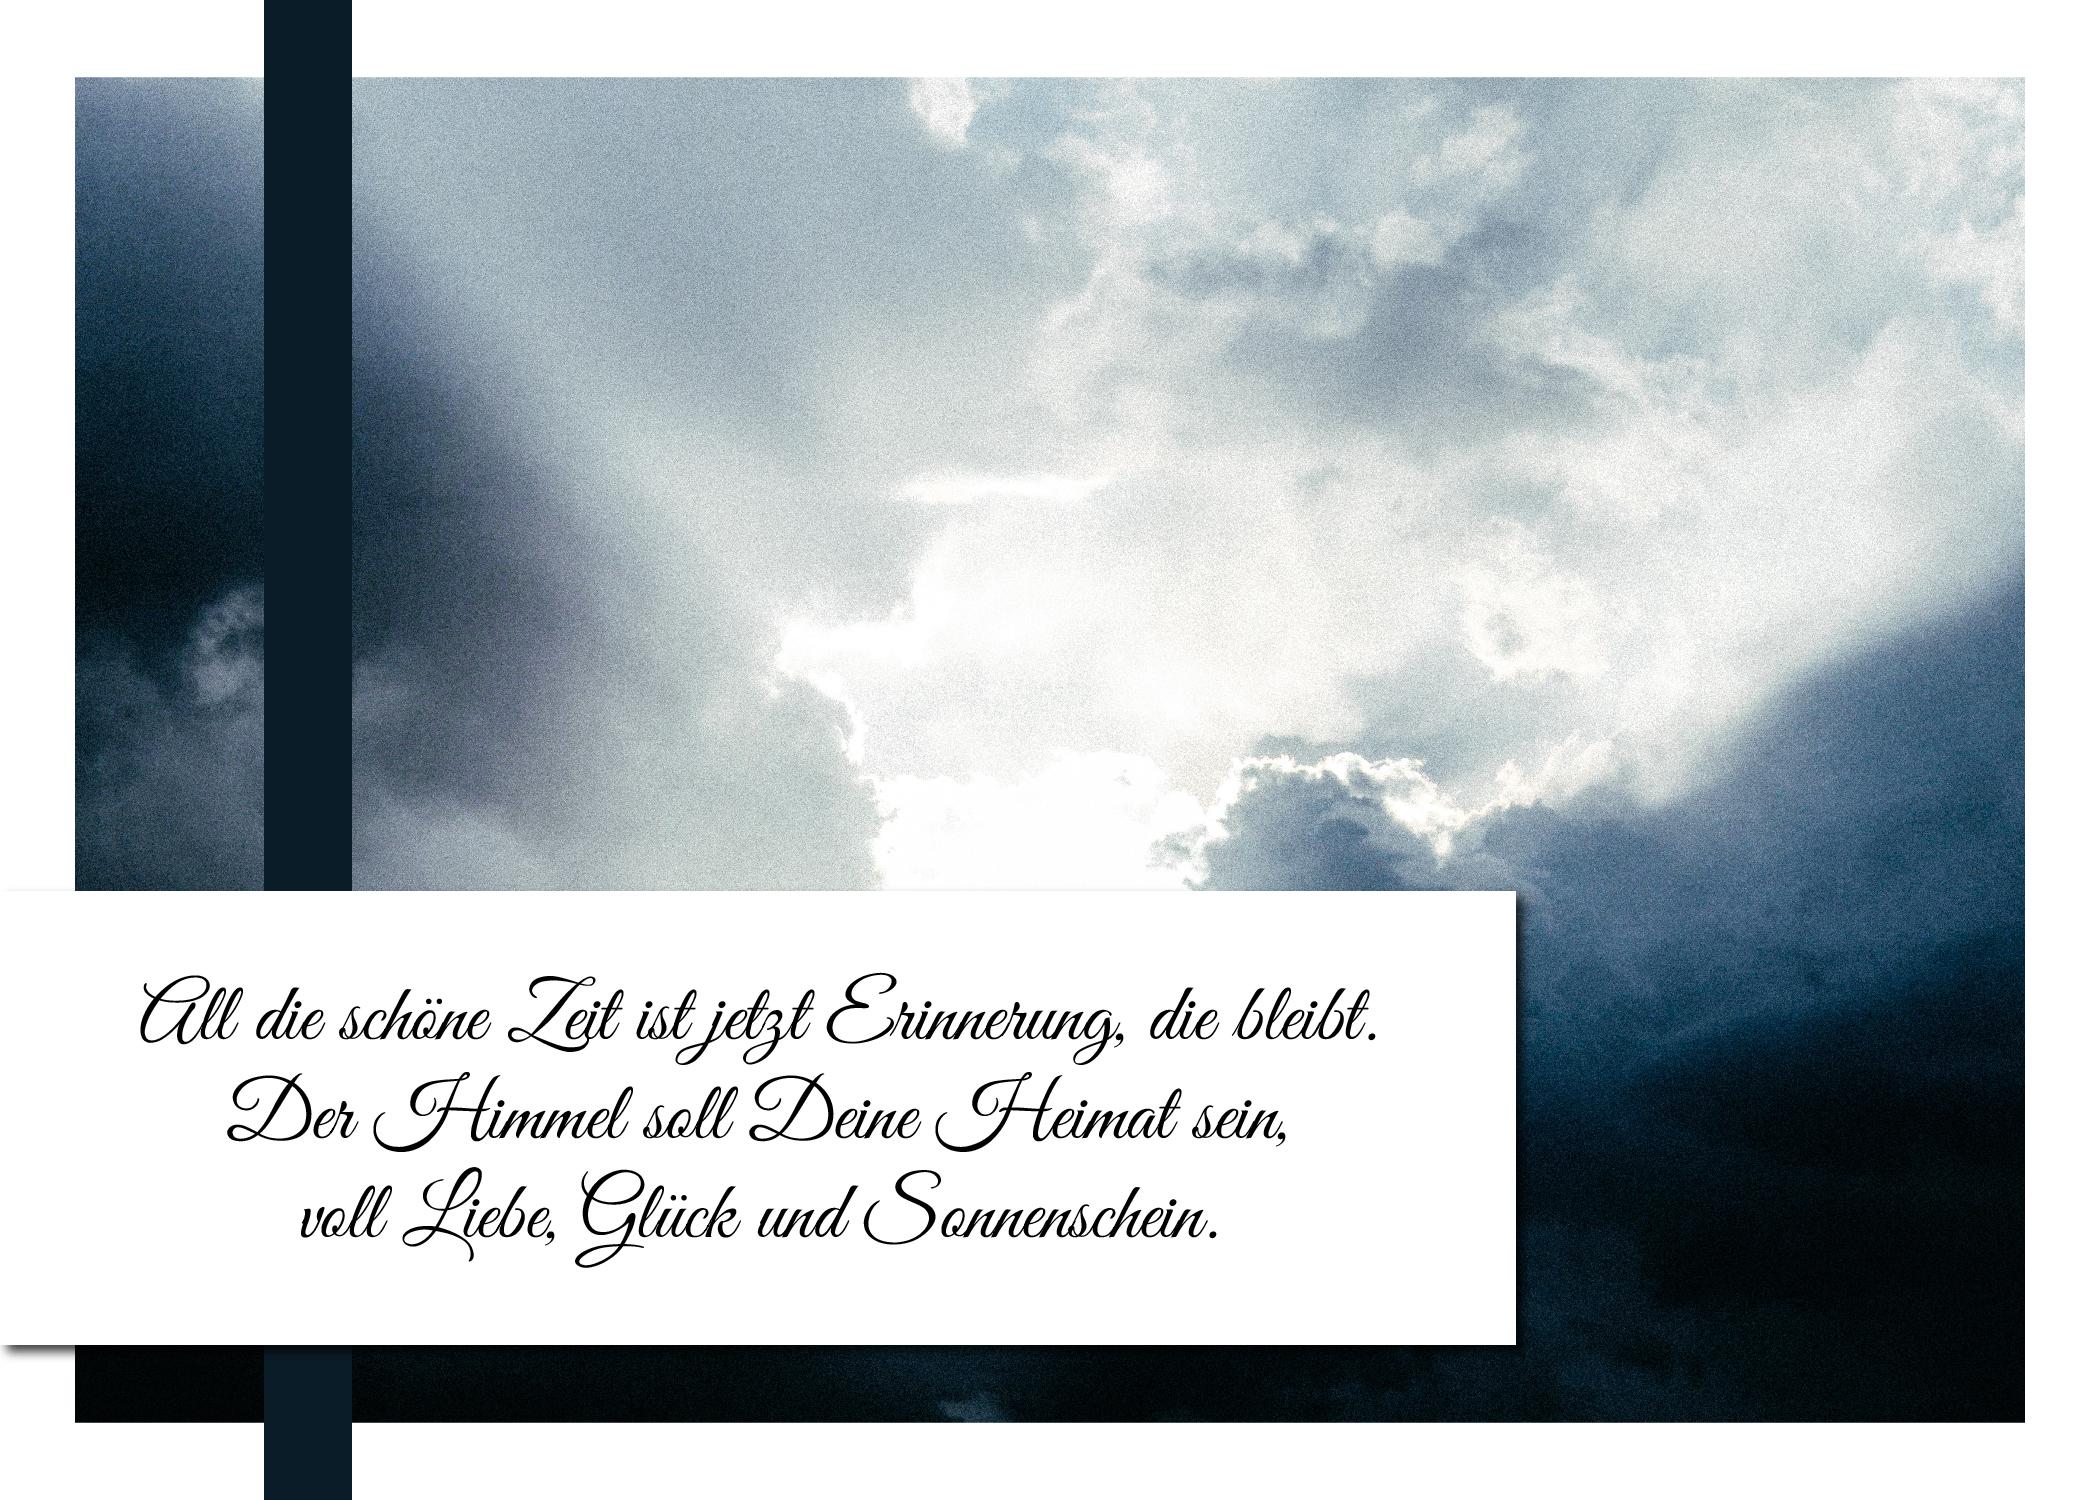 Trauerkarte oder Kondolenzkarte mit einem Kondolenzspruch